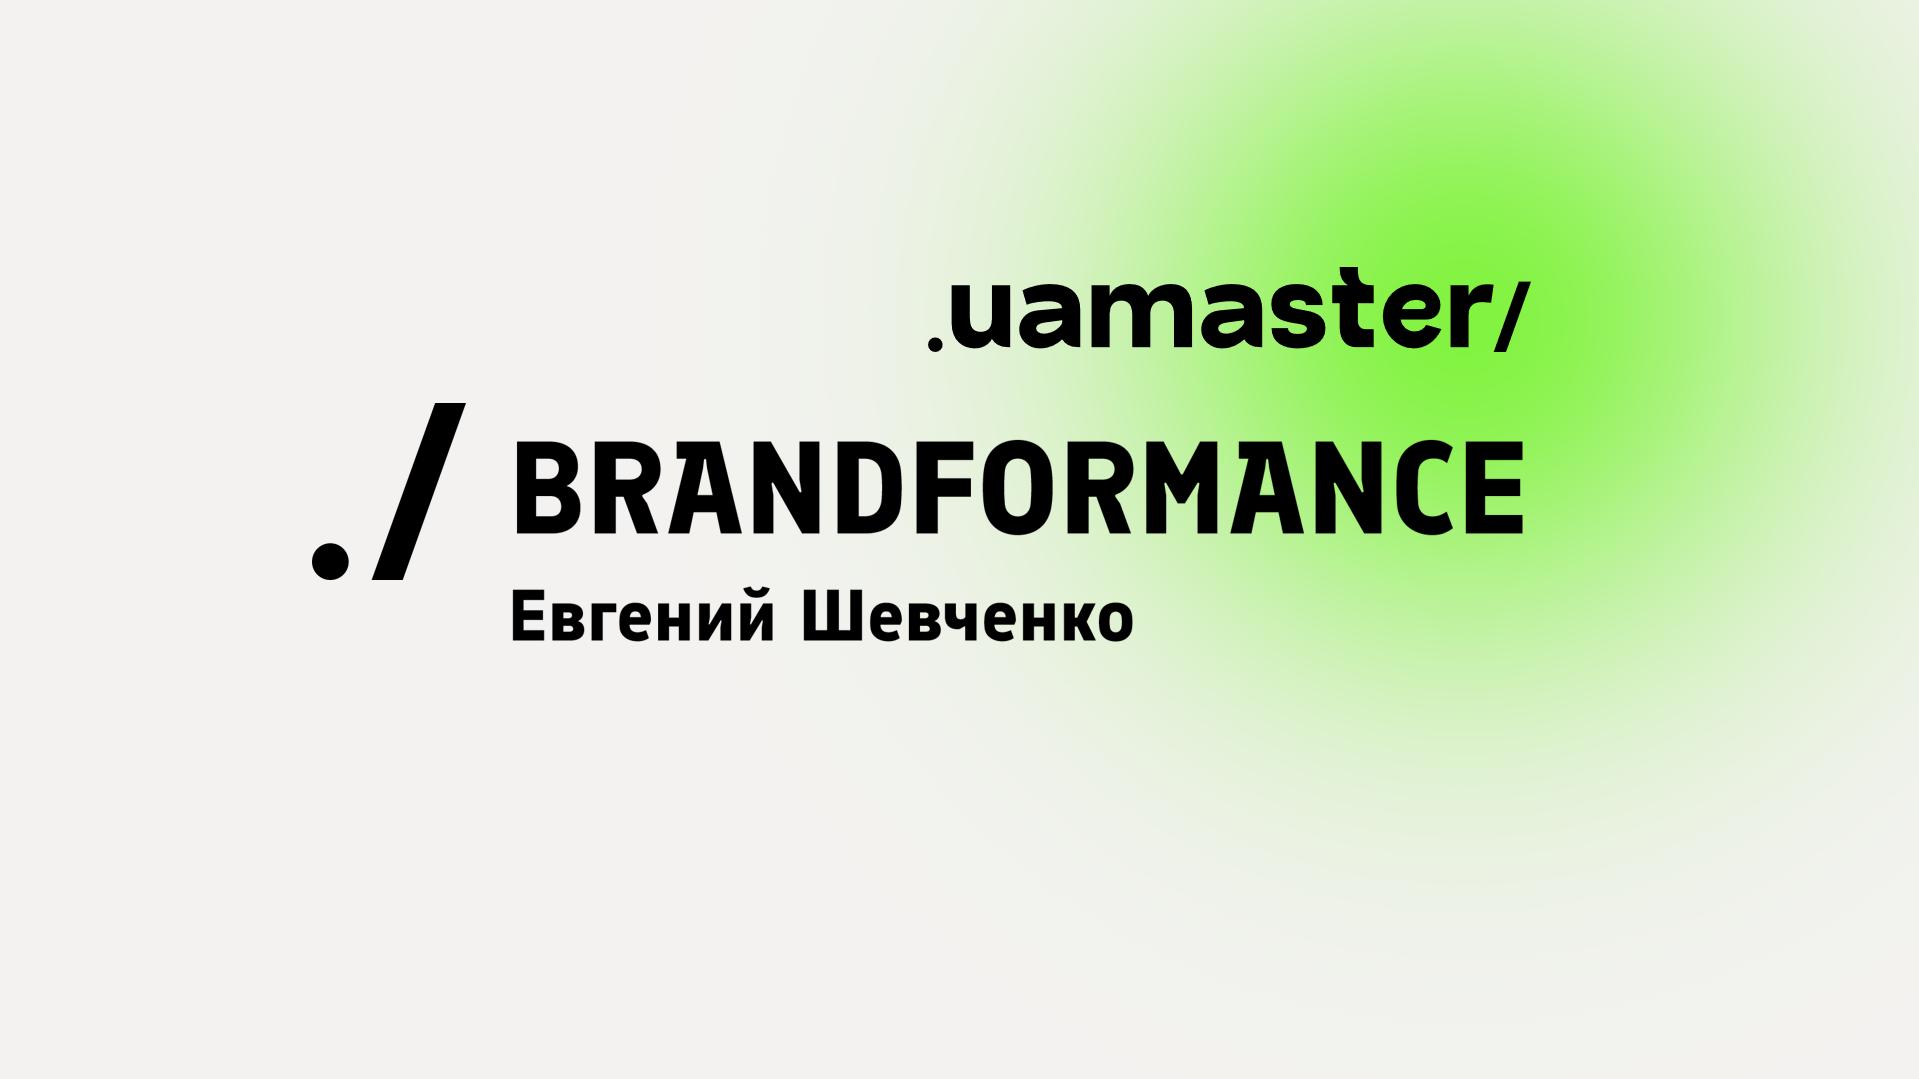 Brandformance маркетинг: переваги для вашого бізнесу